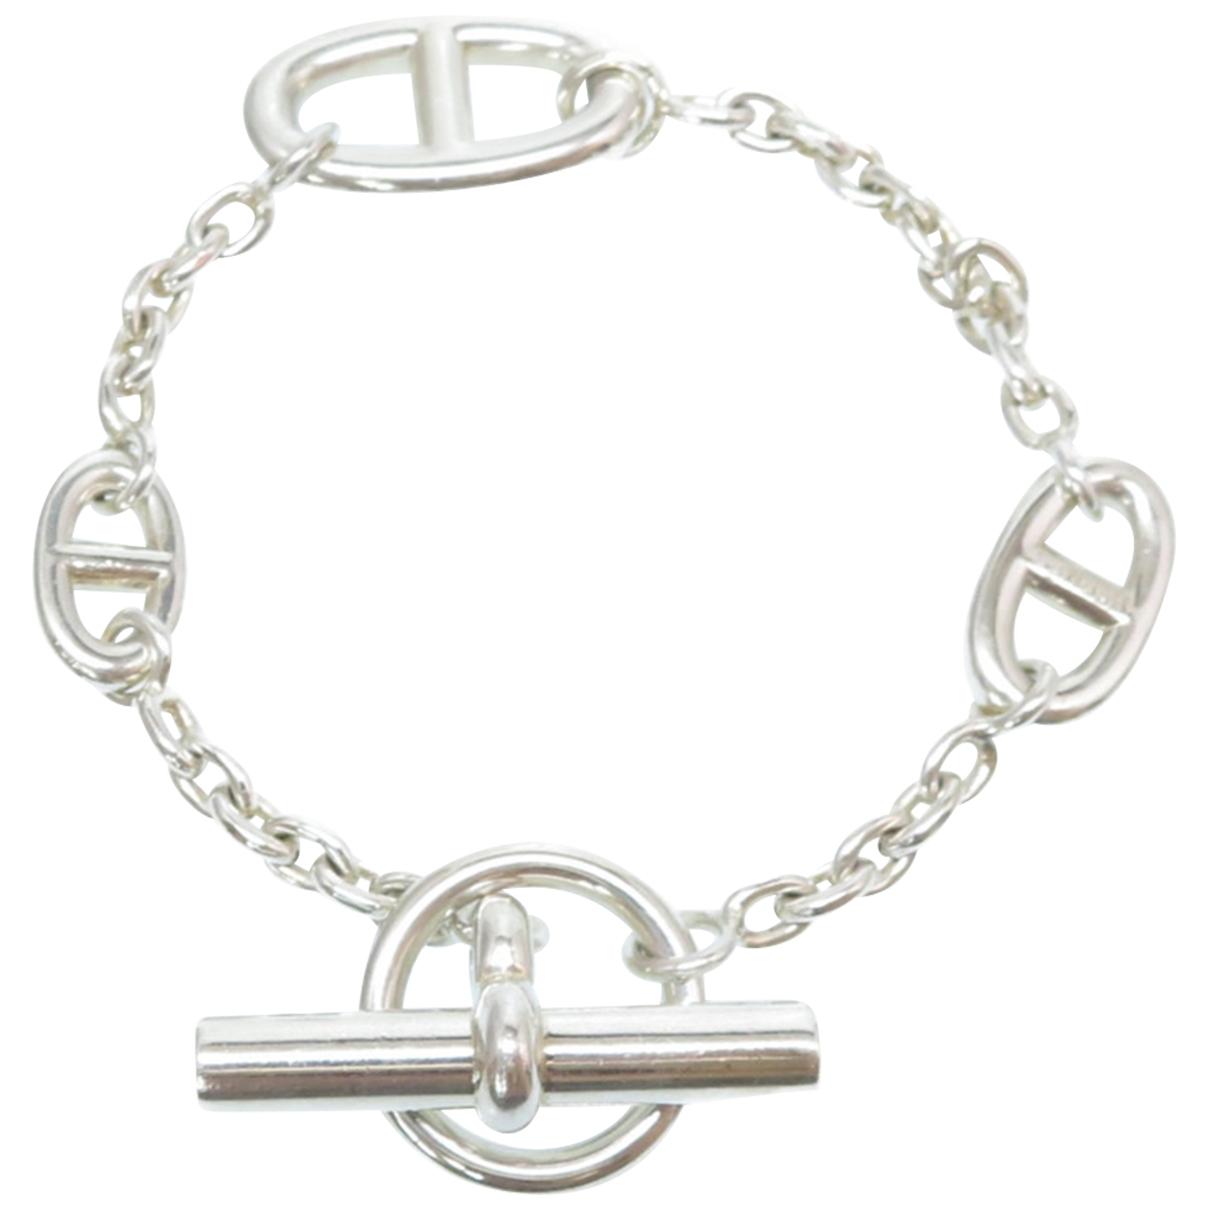 Hermes - Bracelet Chaine d'Ancre pour femme en argent - argente